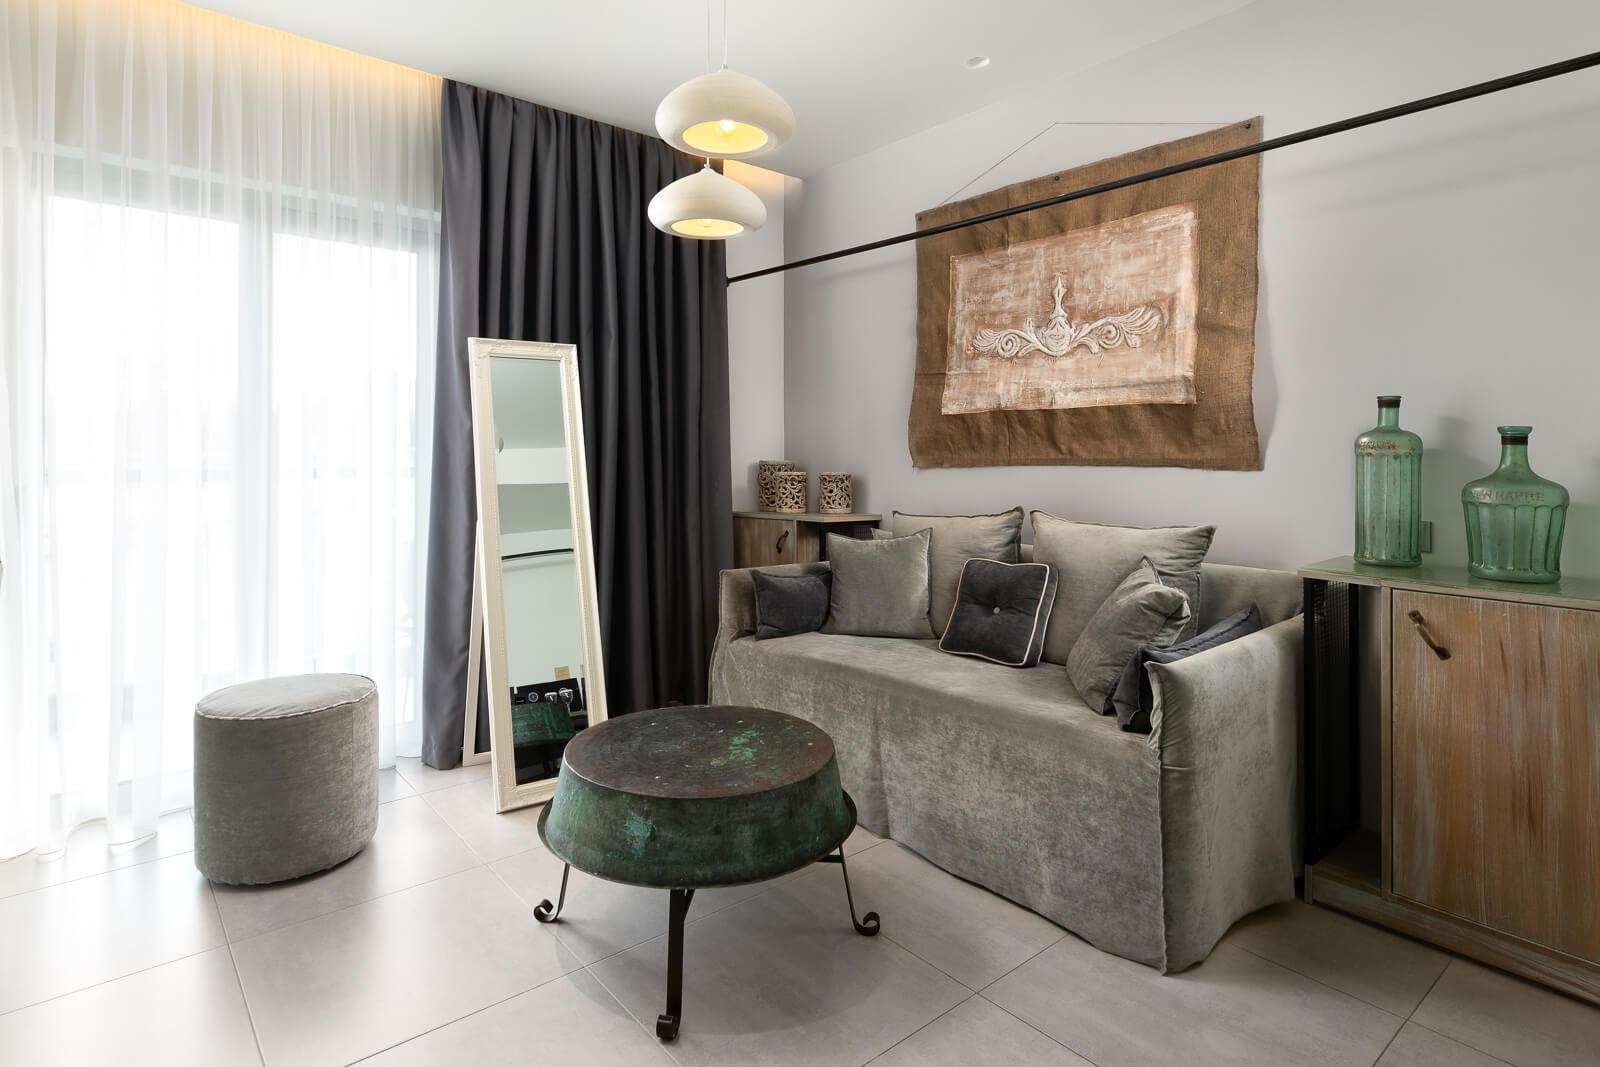 Vrachos Suite Living Room - Elakati Luxury Boutique Hotel in Rhodes